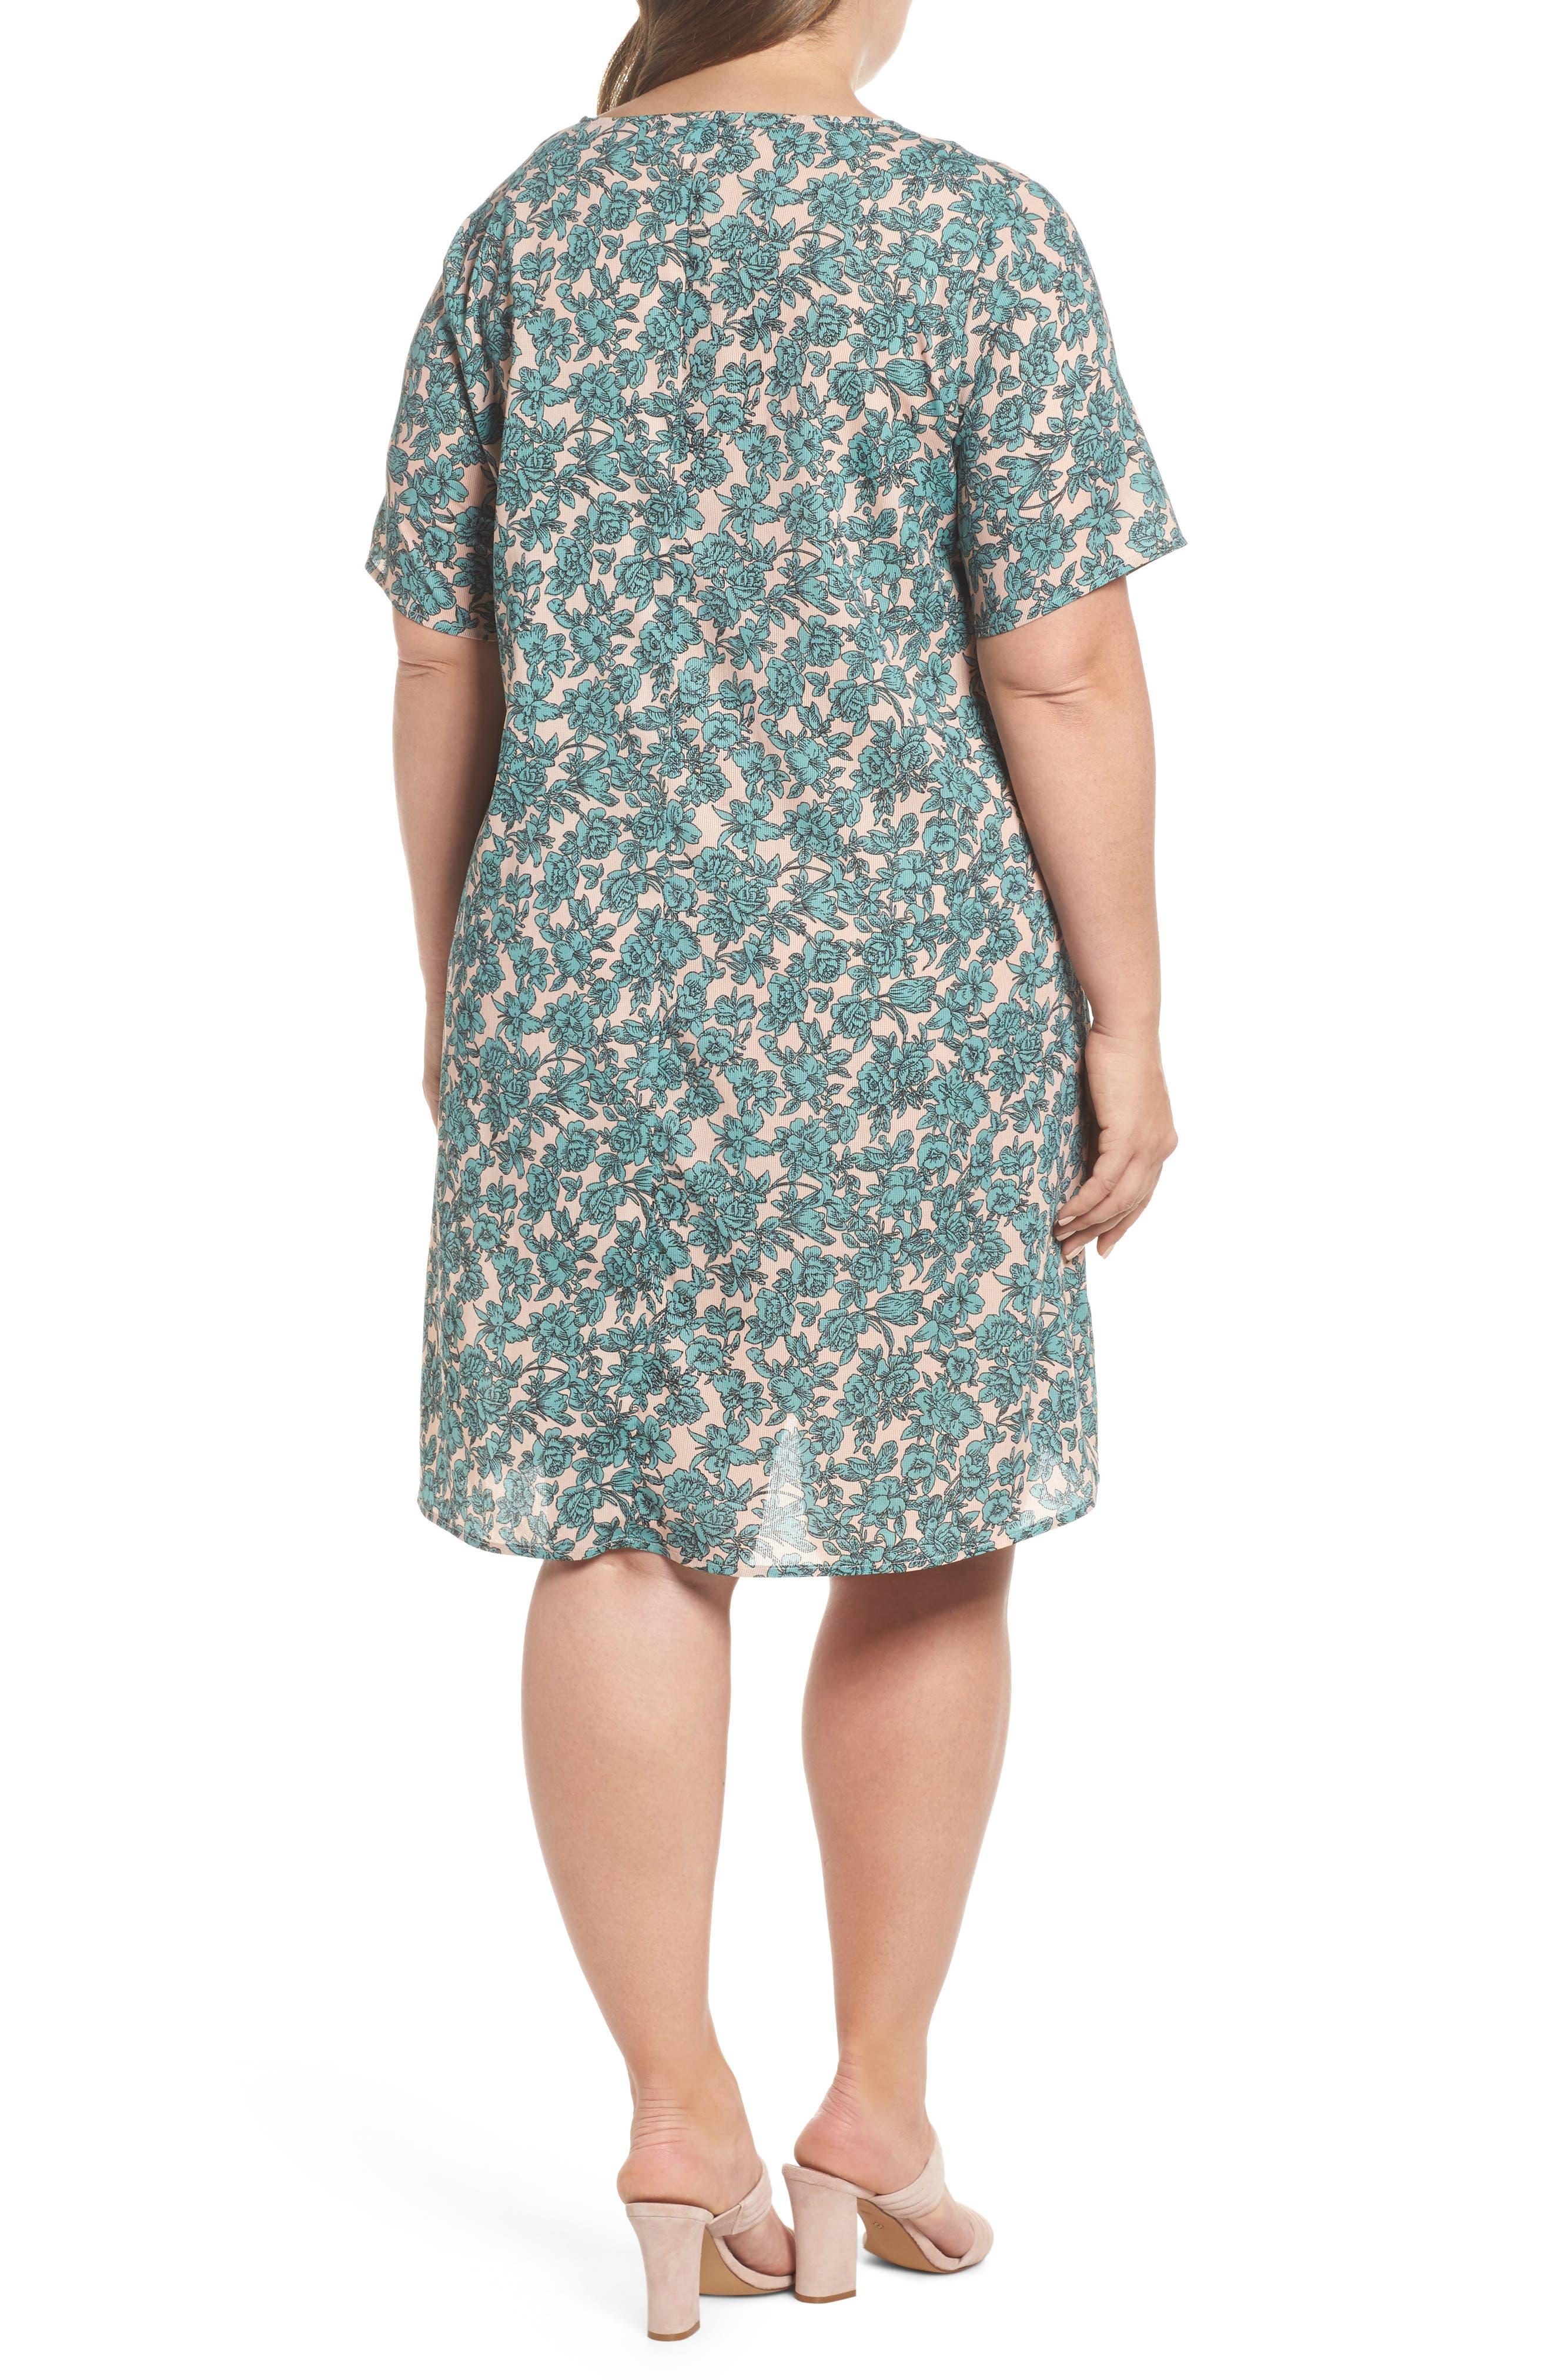 Floral Shift Dress,                             Alternate thumbnail 2, color,                             Sage Green Floral